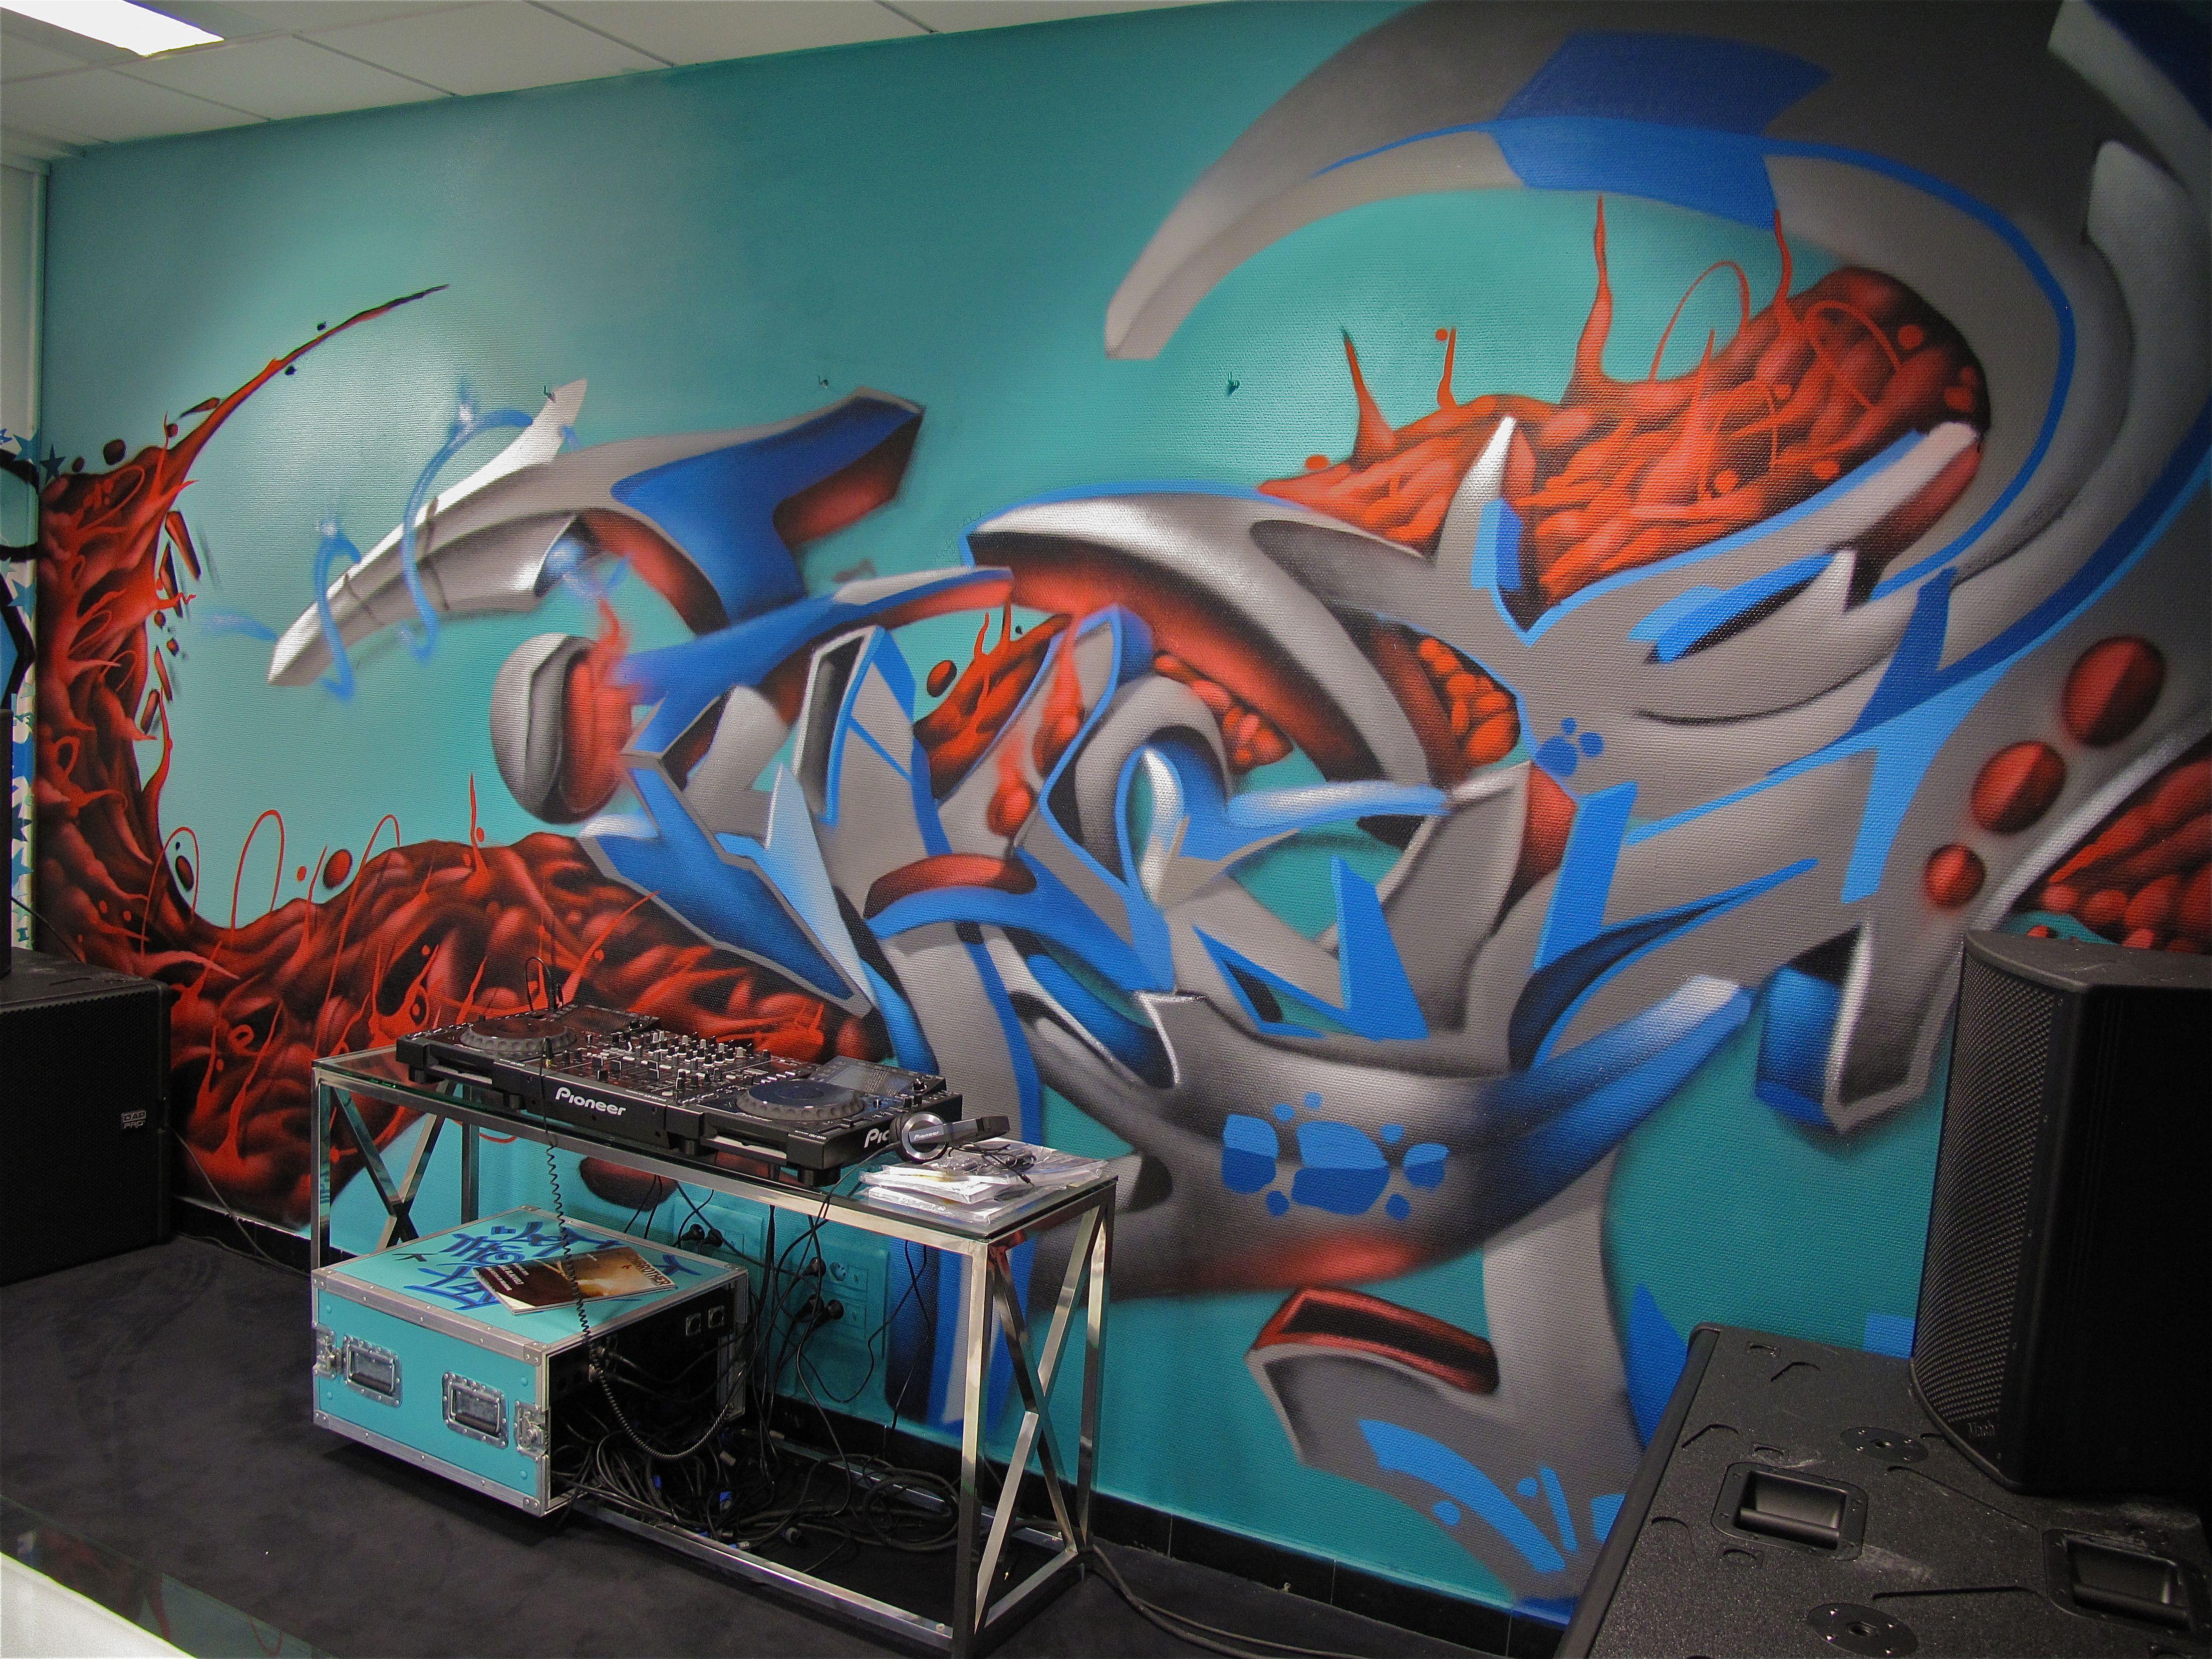 The storage philippe pasqua decograffik deco graff for Decoration murale d interieur